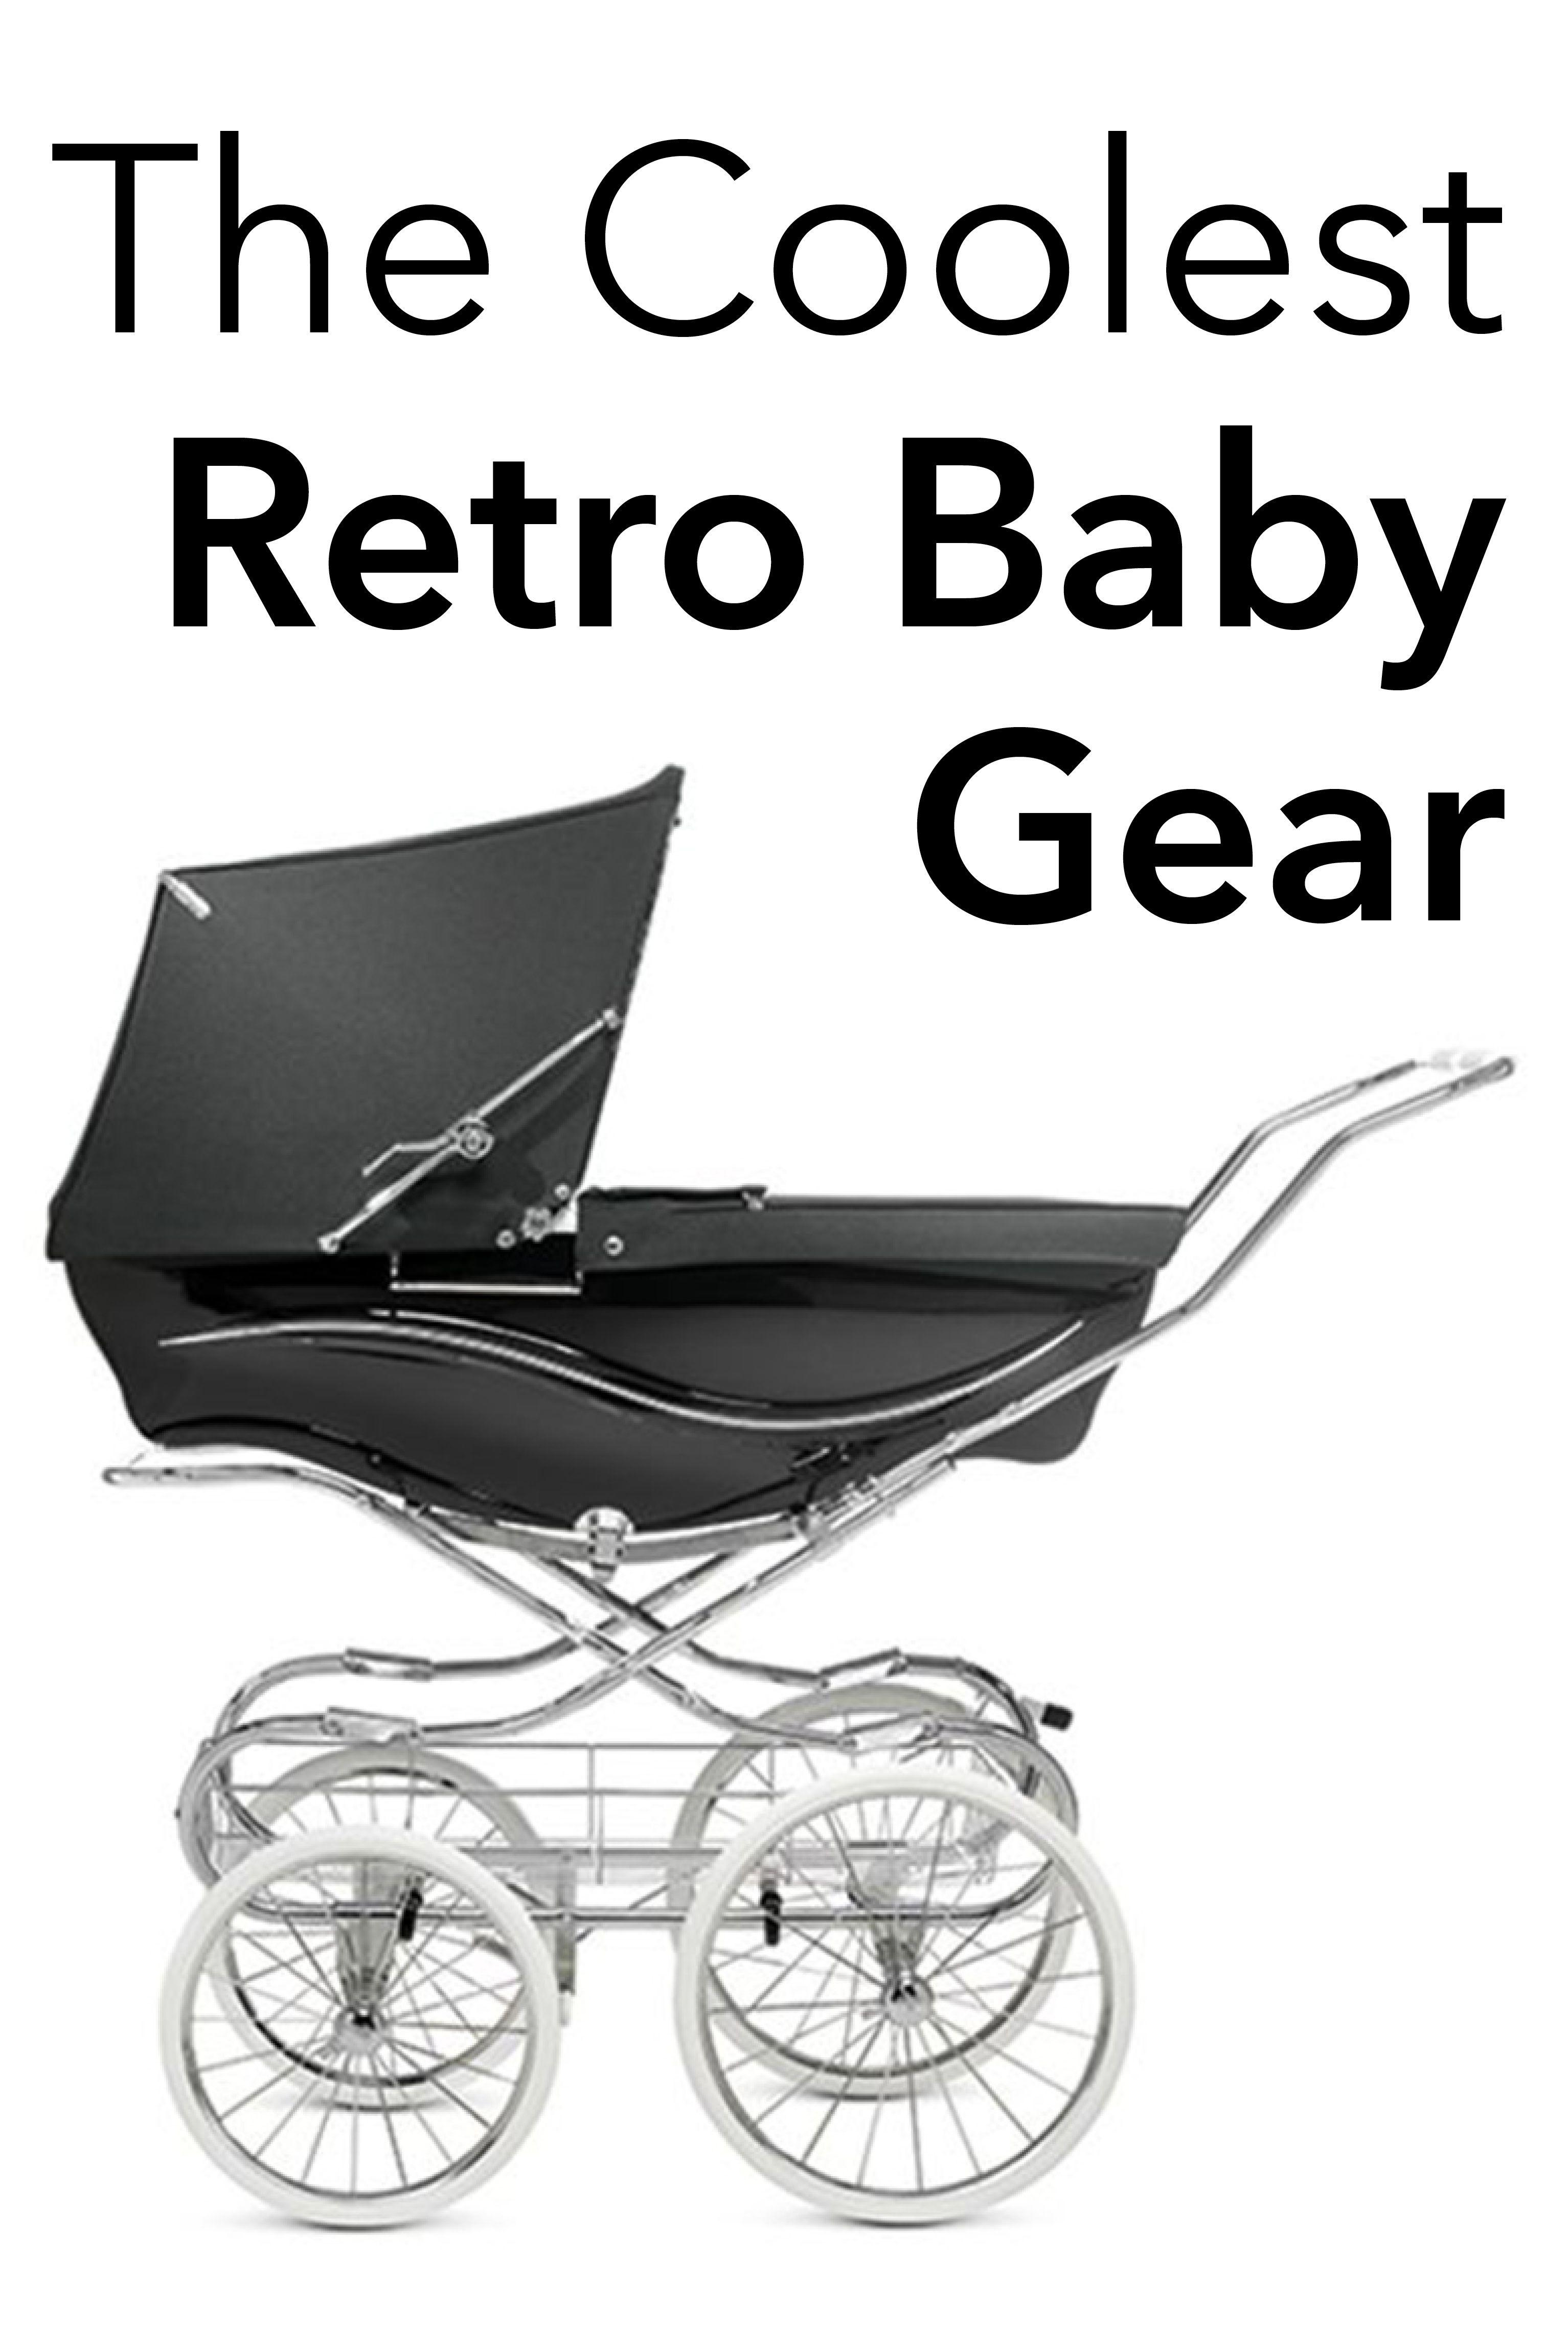 Retro Baby Gear